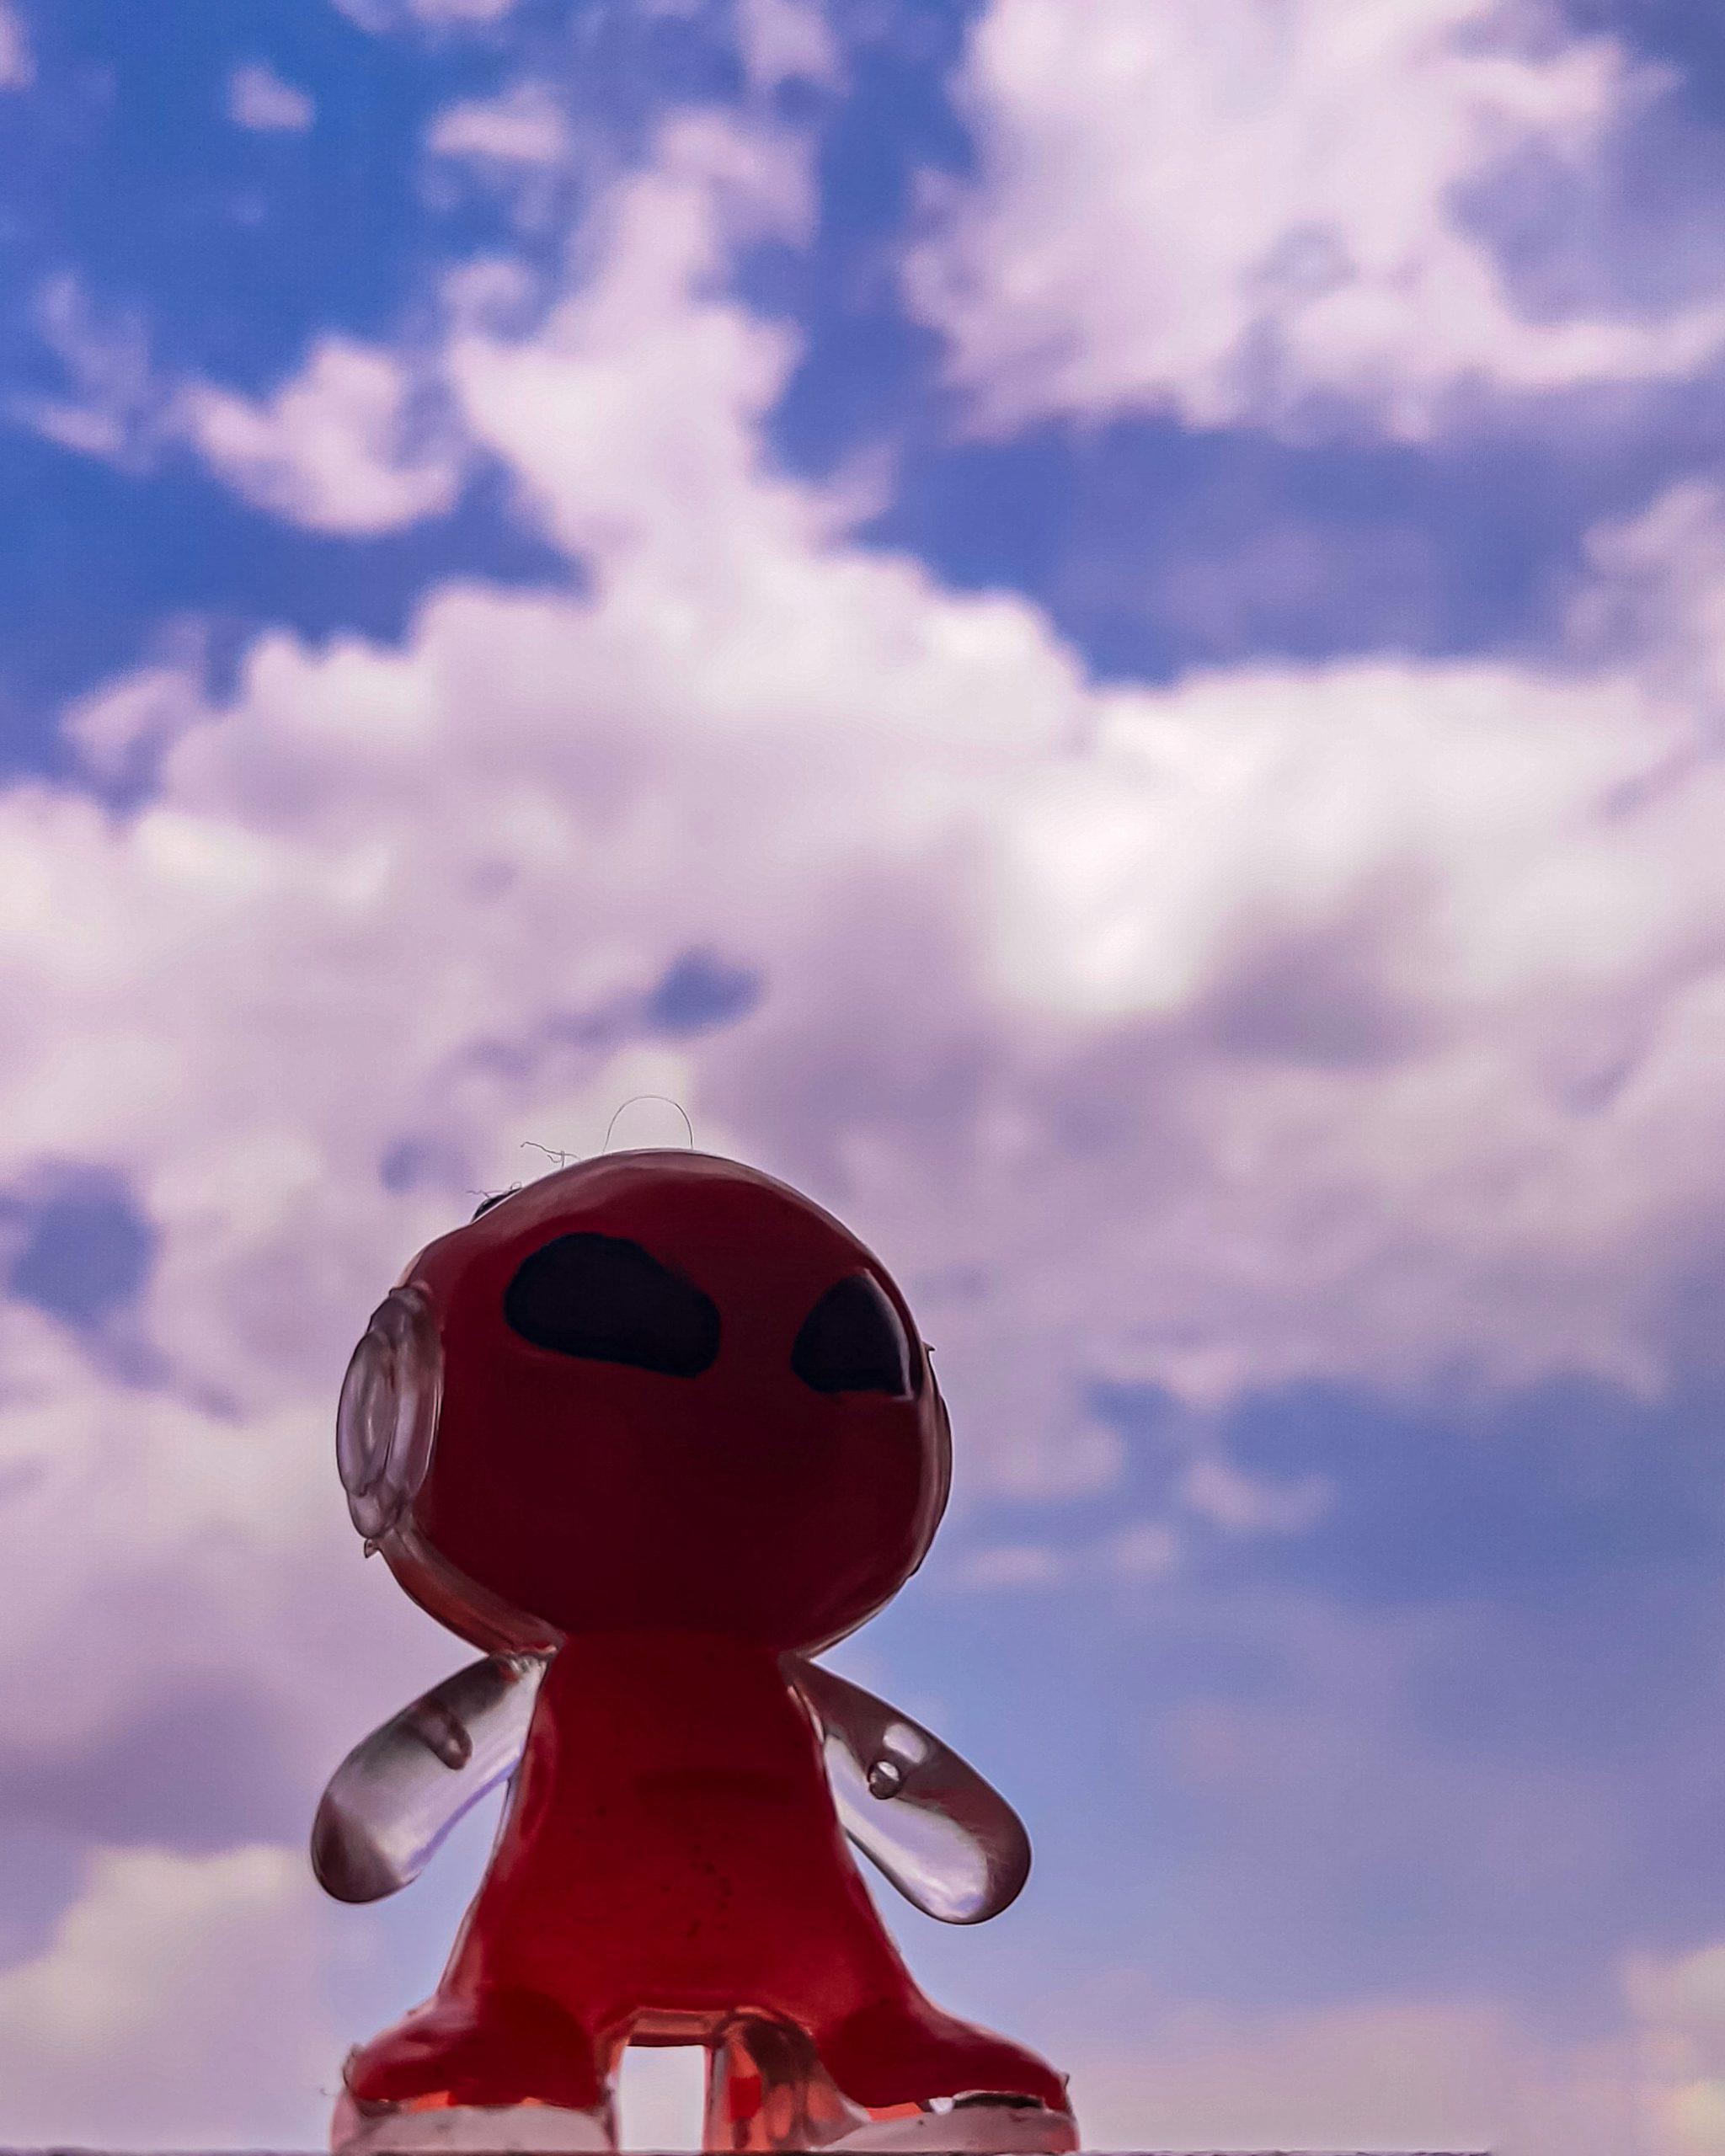 An alien toy